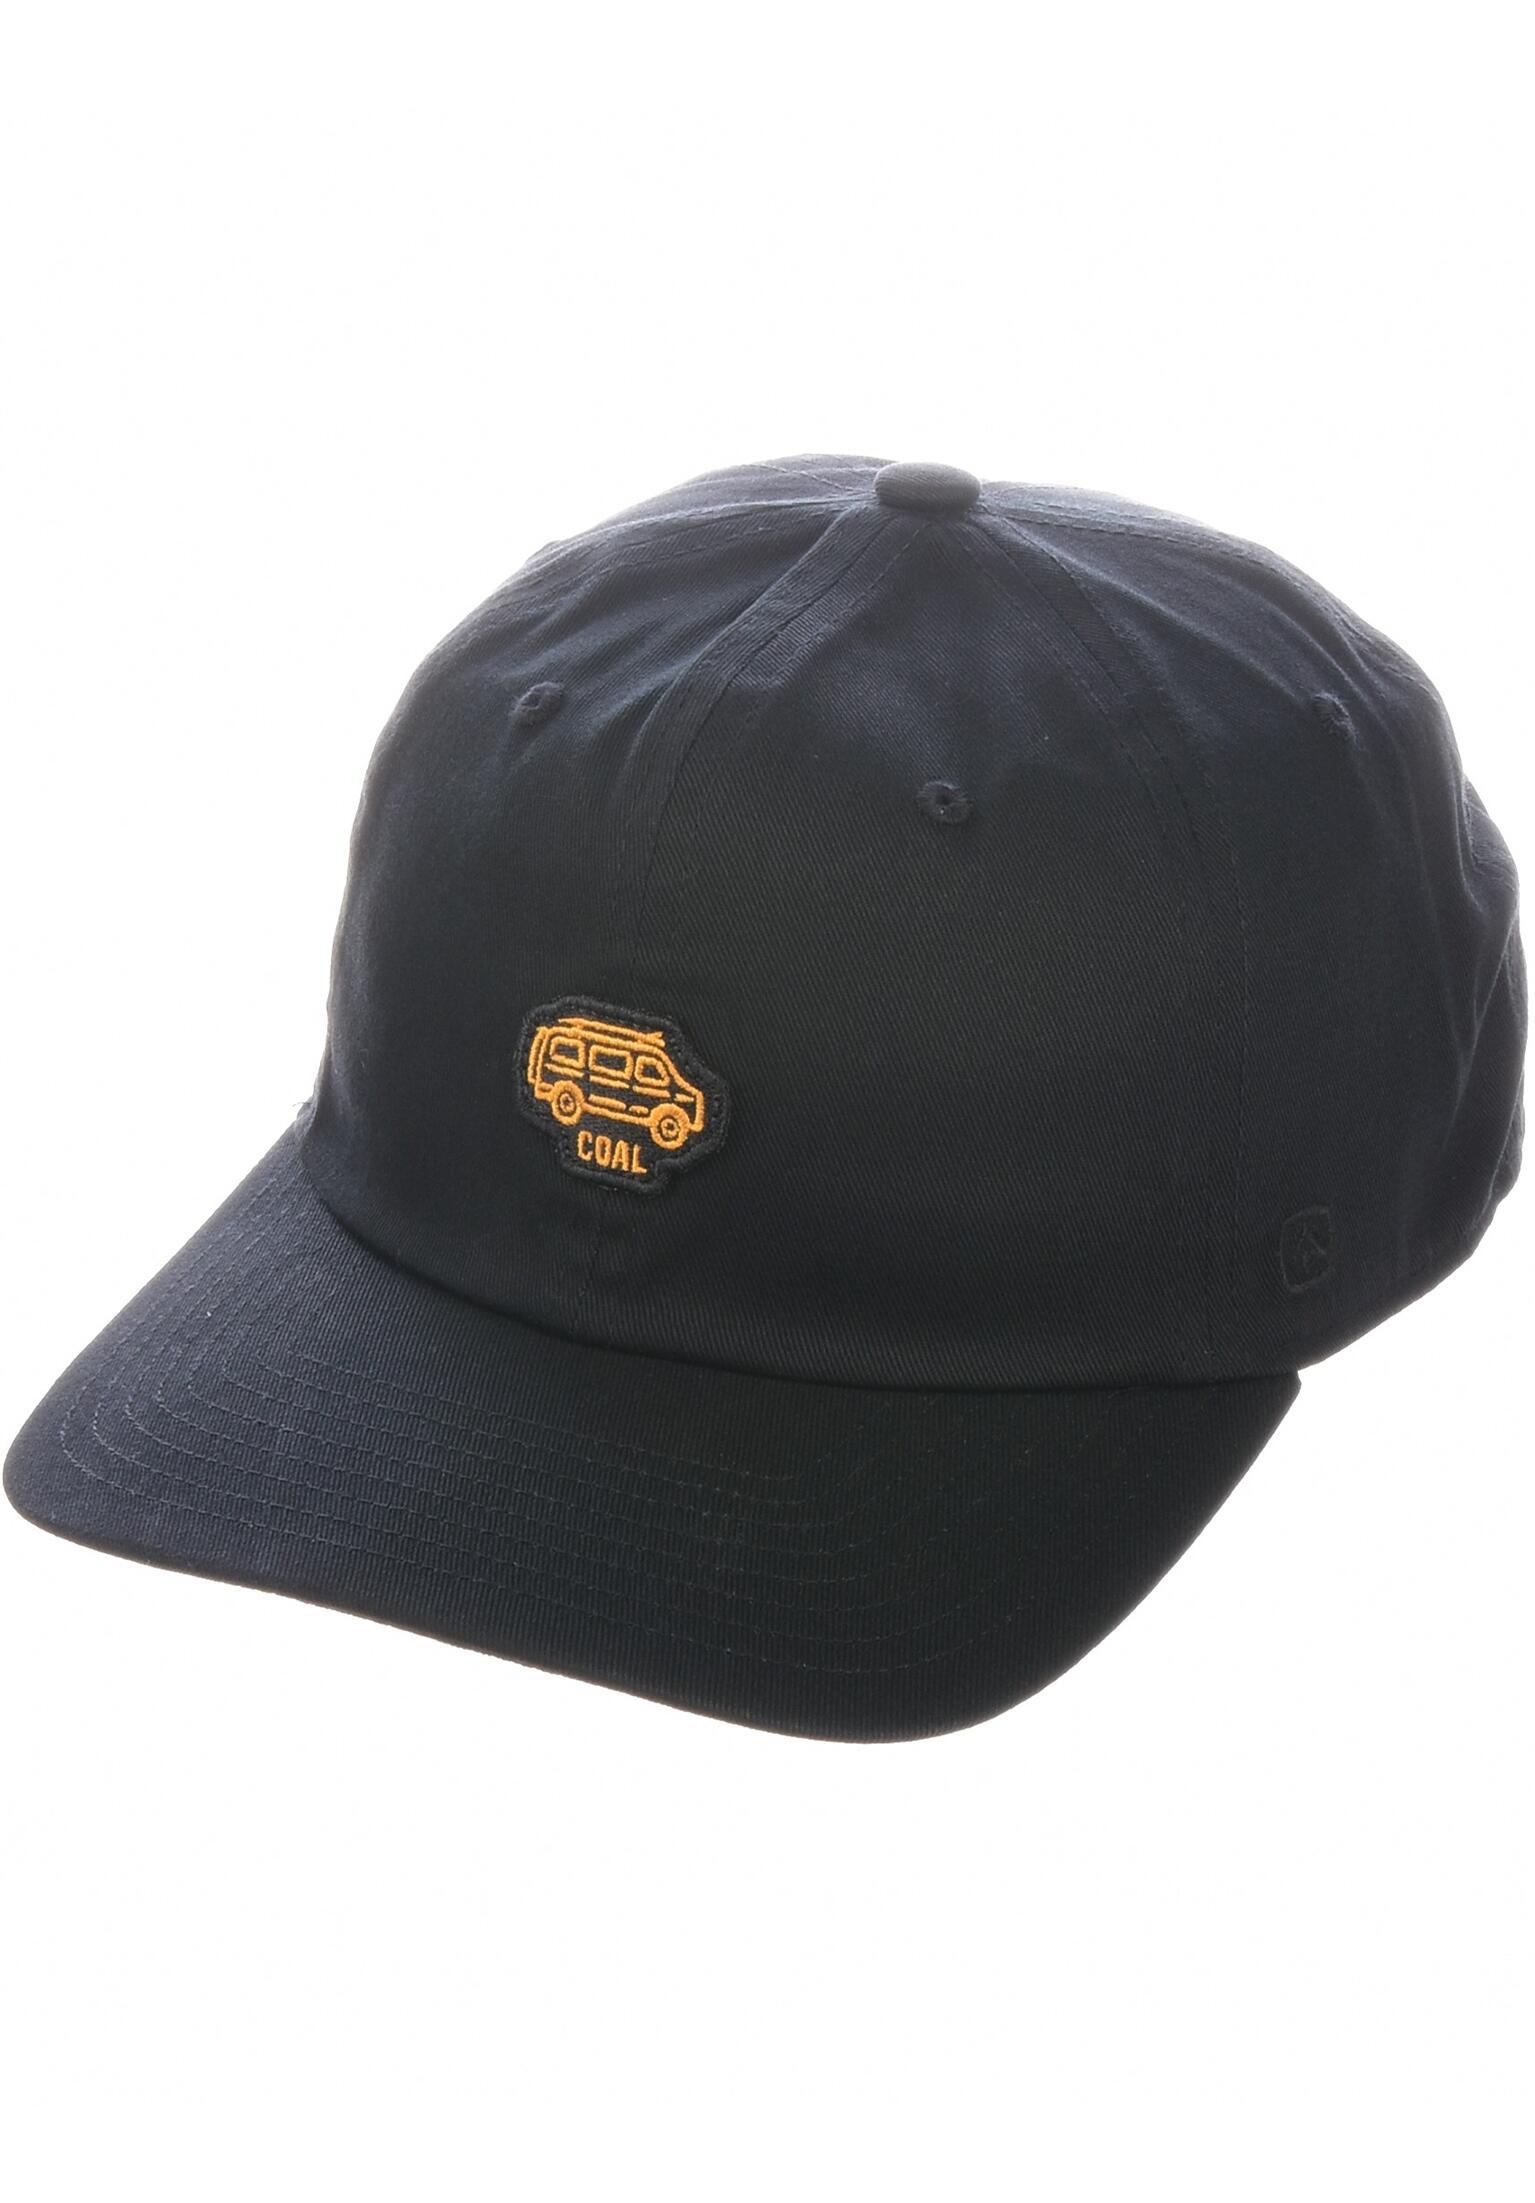 cab003c67e8 The Junior coal Caps in black for Men